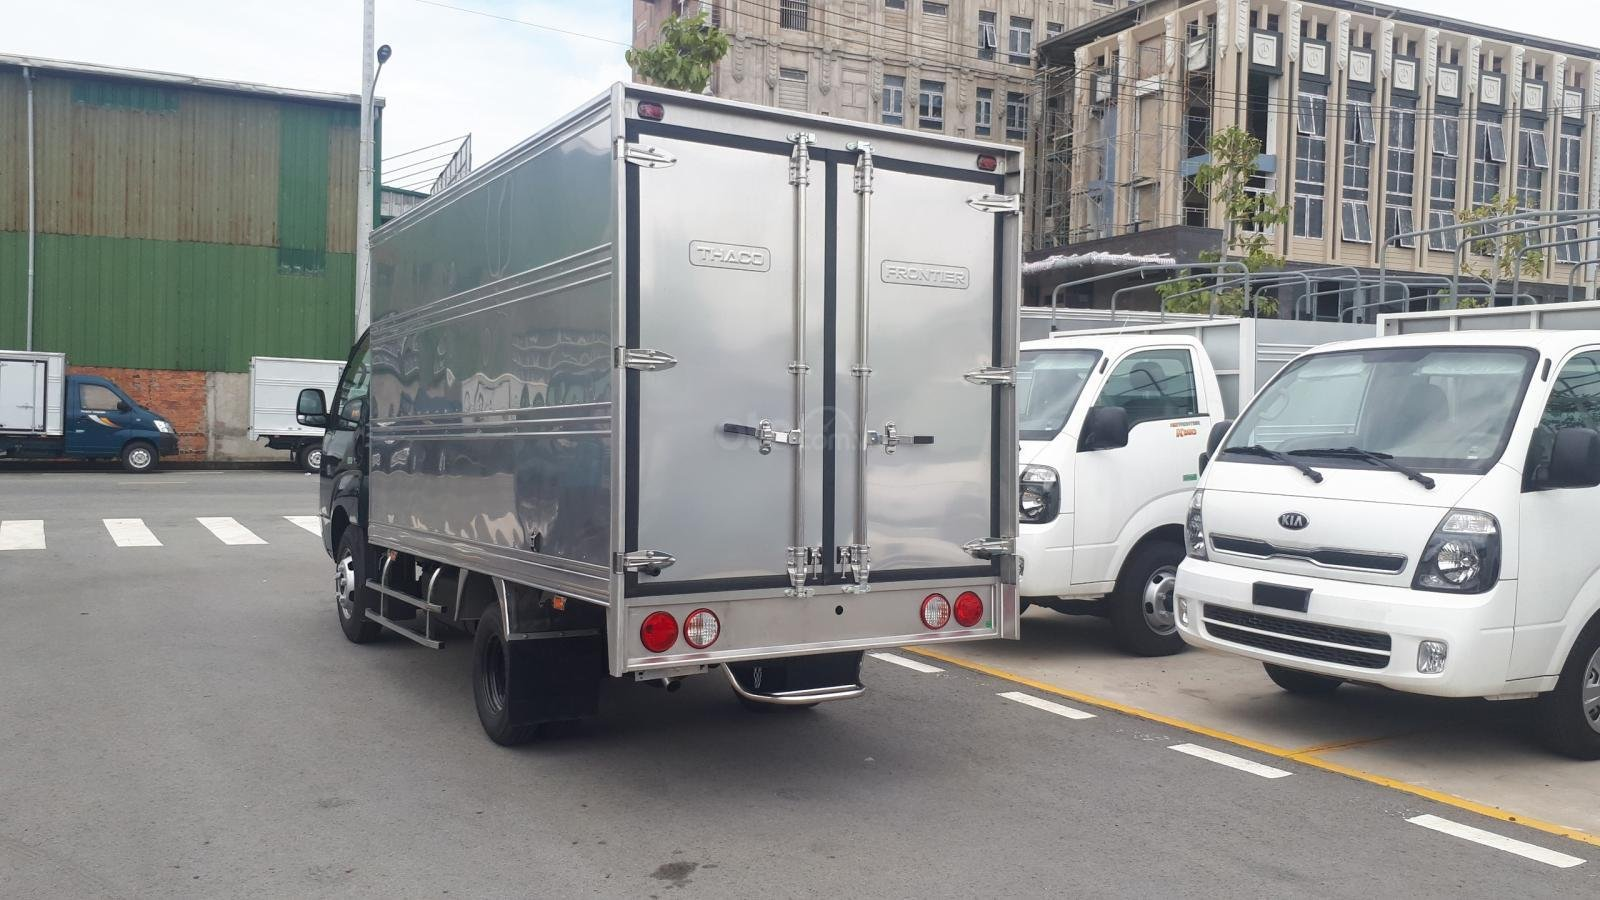 Giá xe tải 1.4 tấn - 2.4 tấn - trả góp - LH em 0938380032 (2)